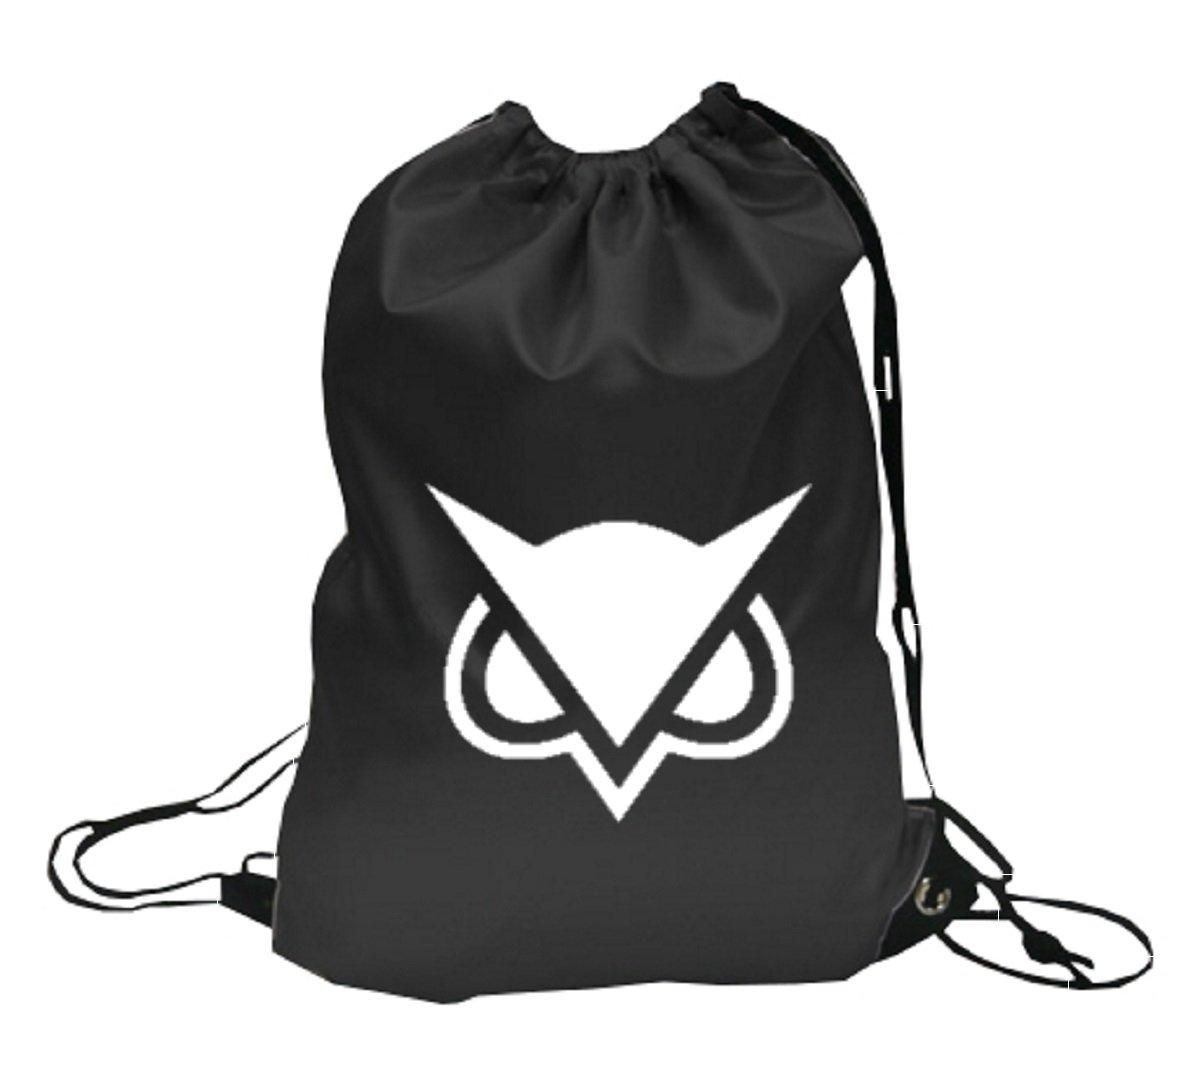 Vanoss VG youtuber Inspired Drawstring Backpack